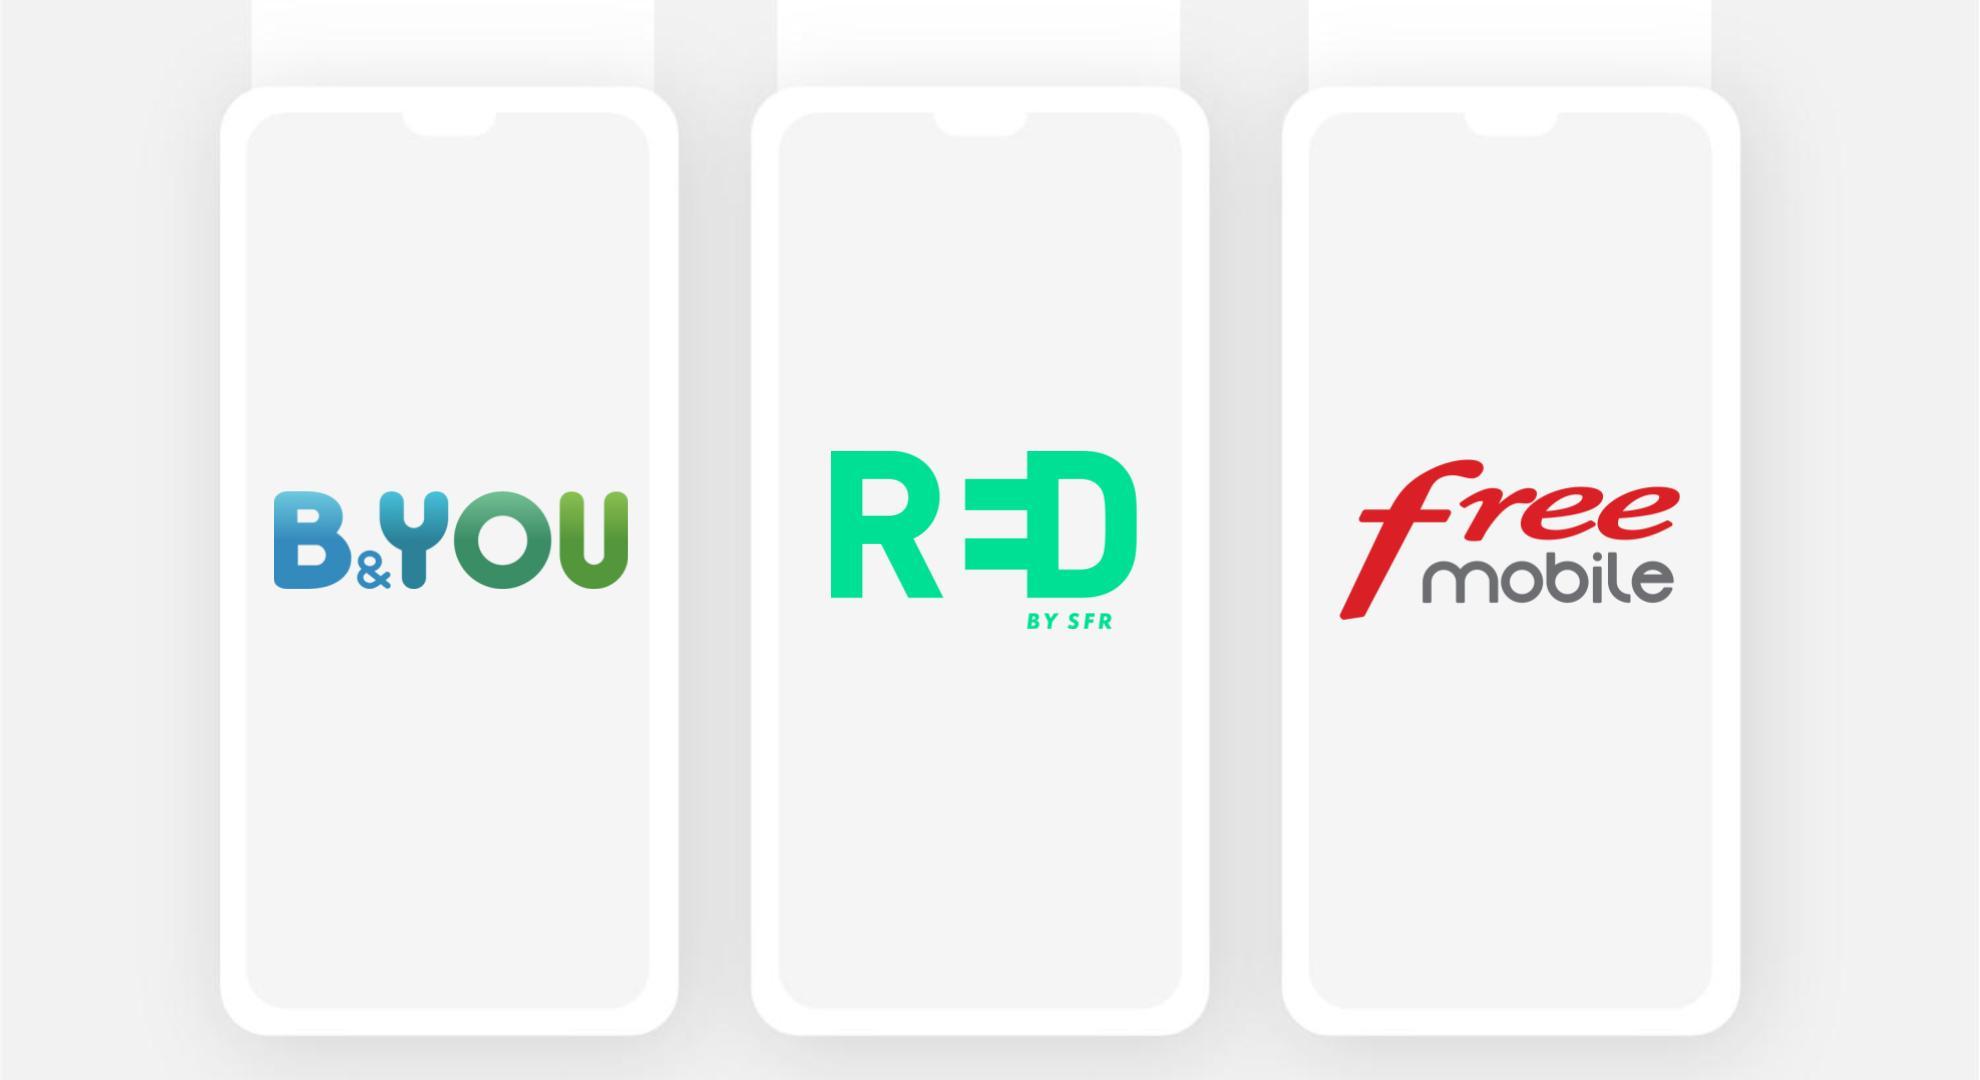 B&You, RED et Free : voici les meilleurs forfaits mobile sans engagement du jour